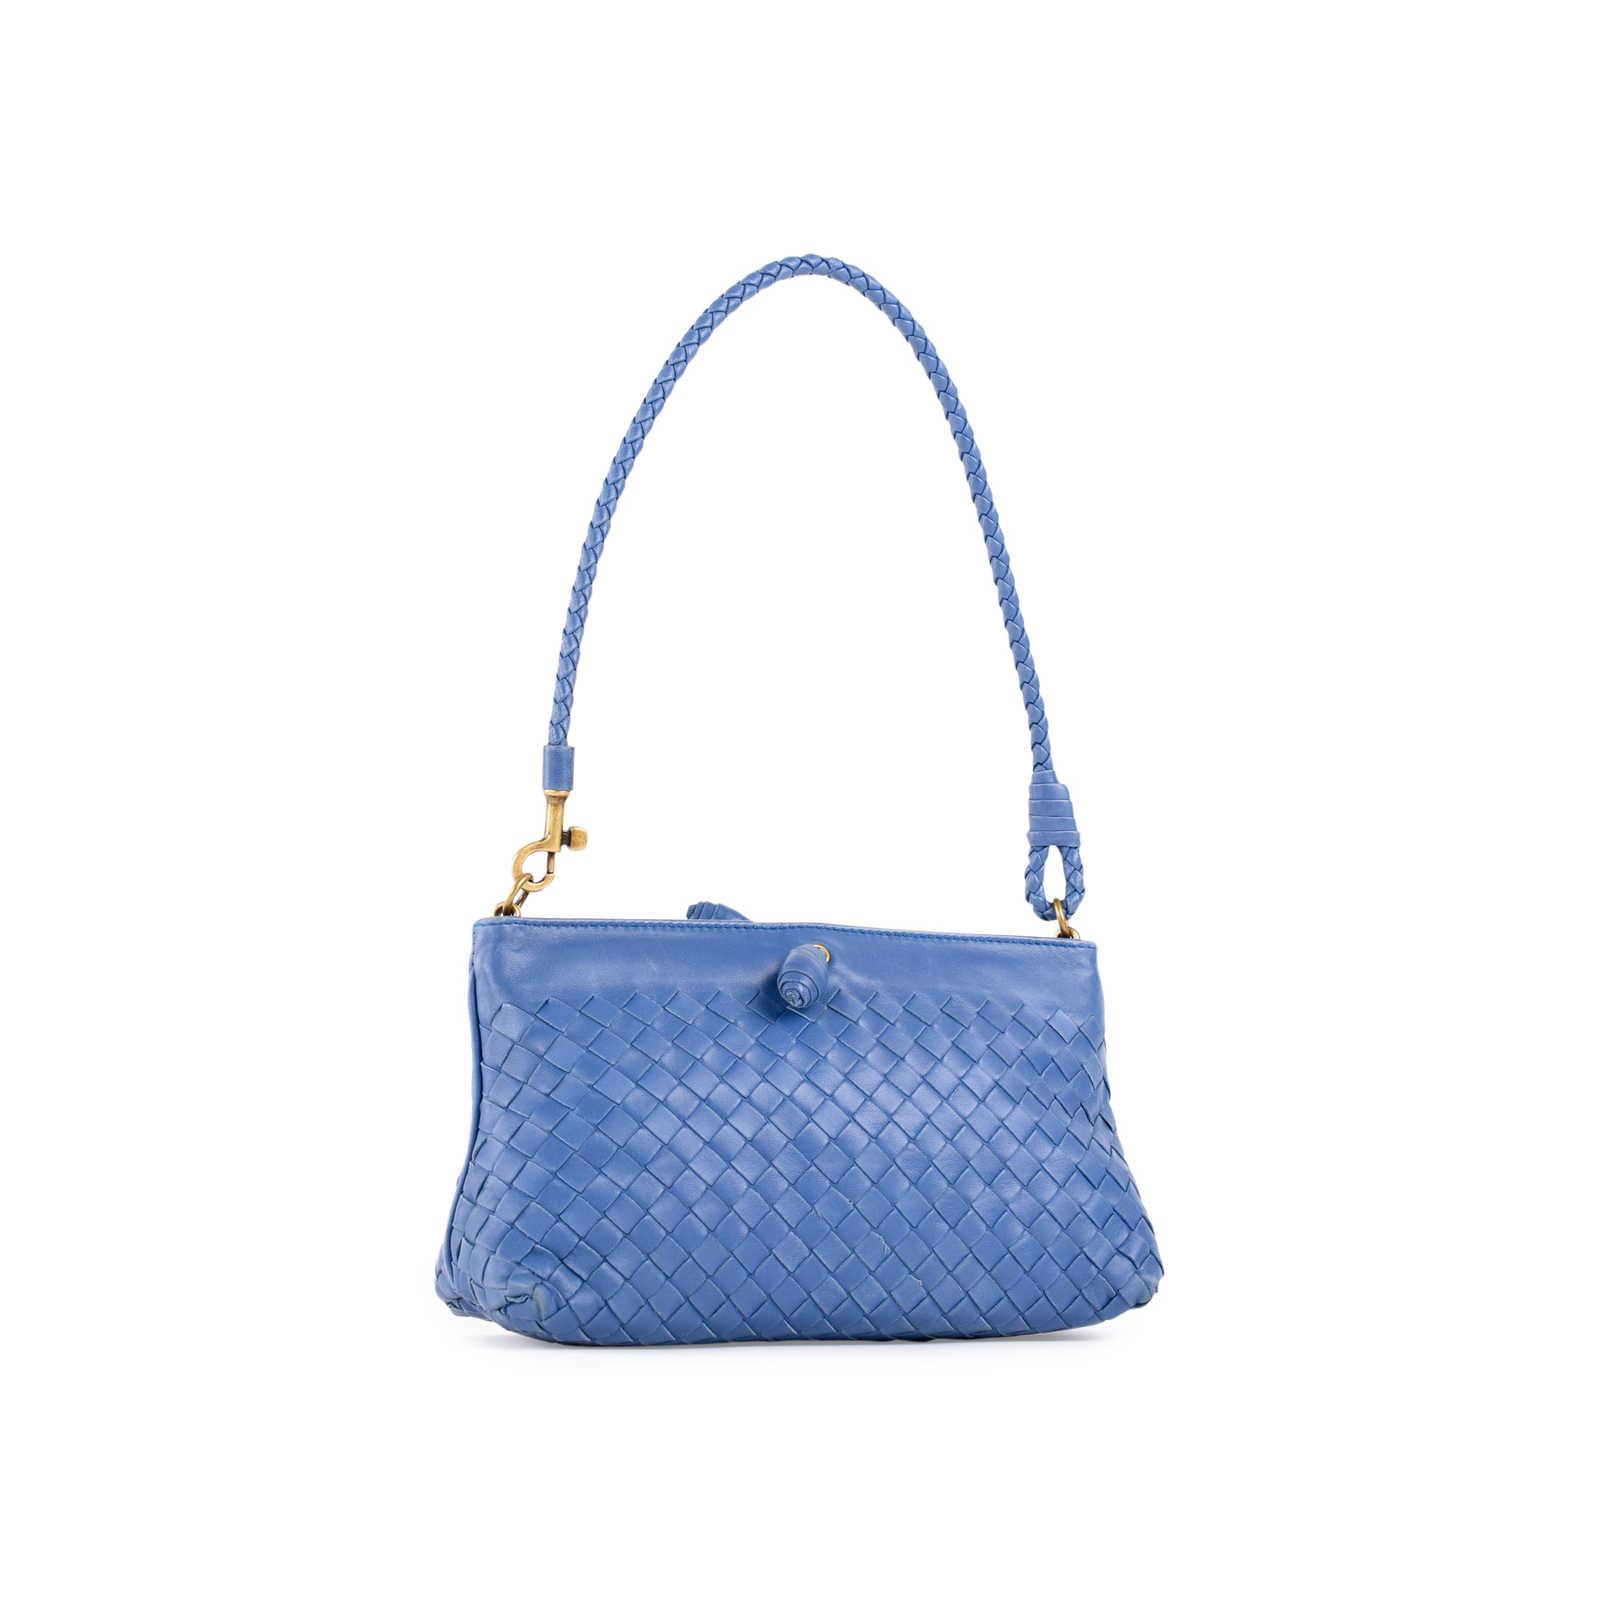 a9e53d13a456d ... Authentic Second Hand Bottega Veneta Intrecciato Small Leather Shoulder  Bag (PSS-462-00032 ...